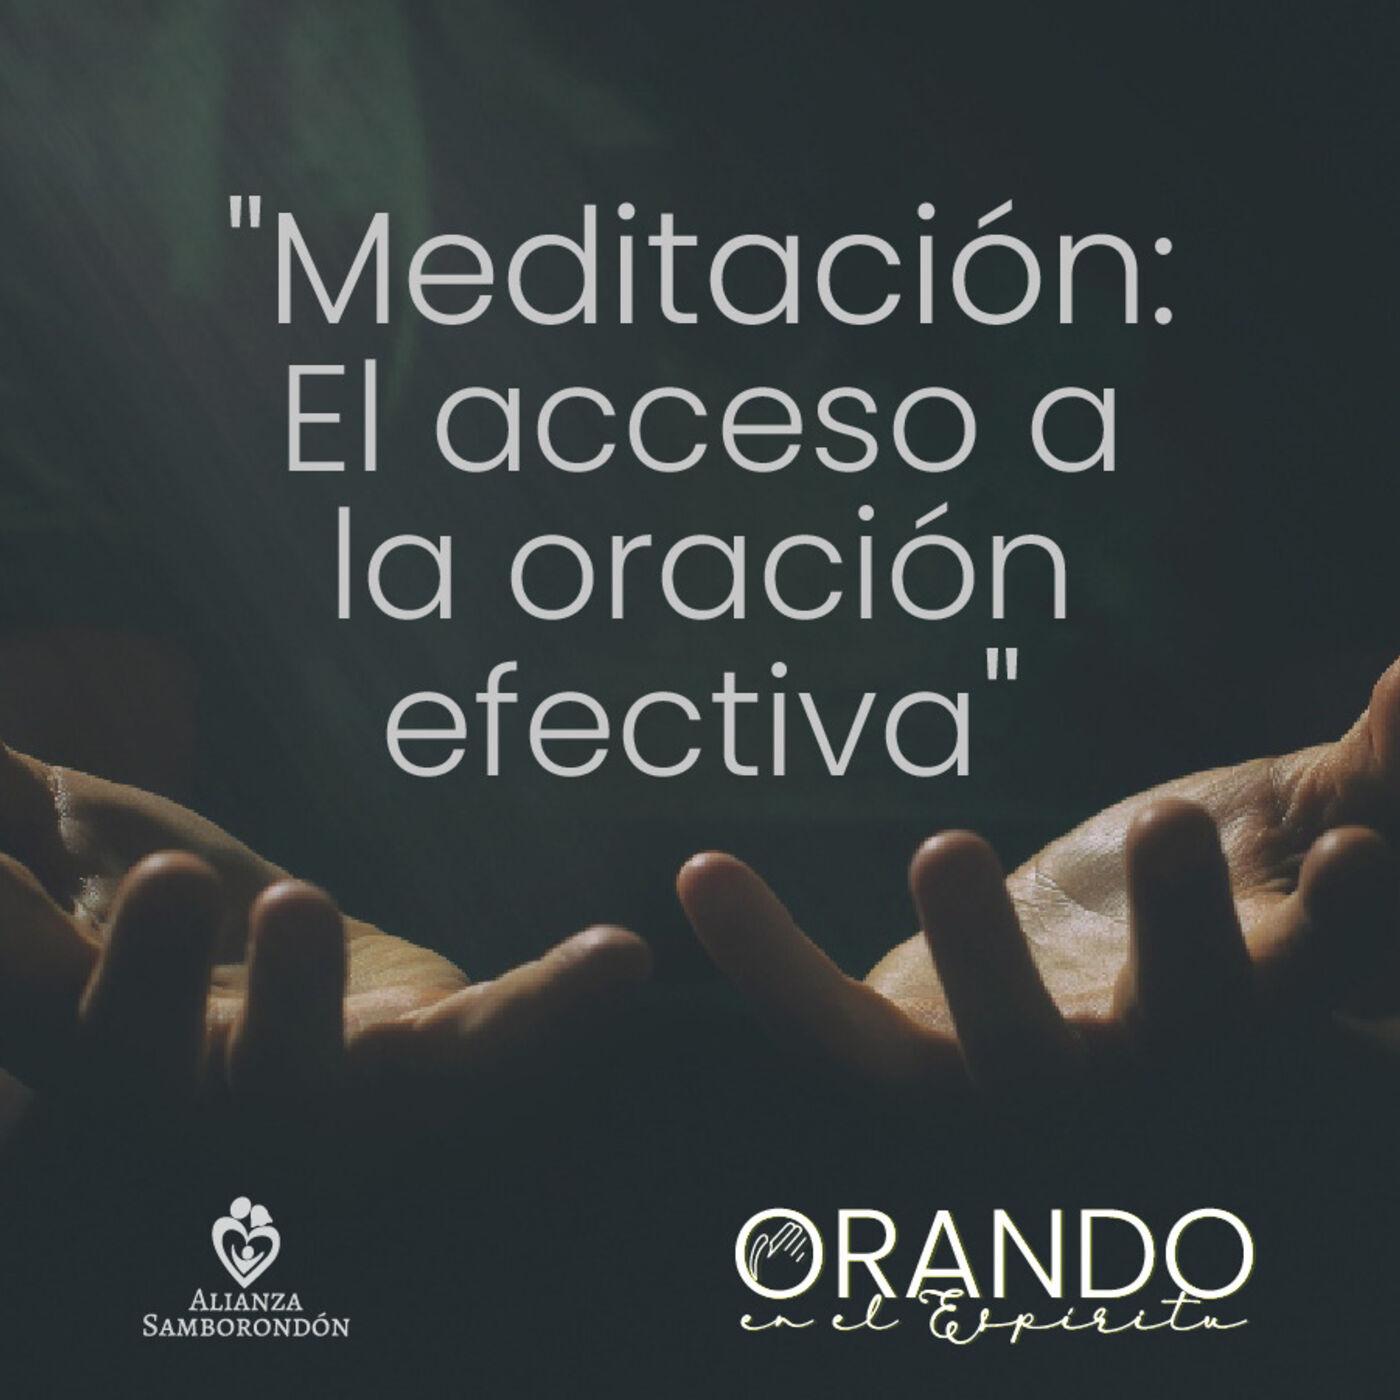 Meditación: El acceso a la oración efectiva.